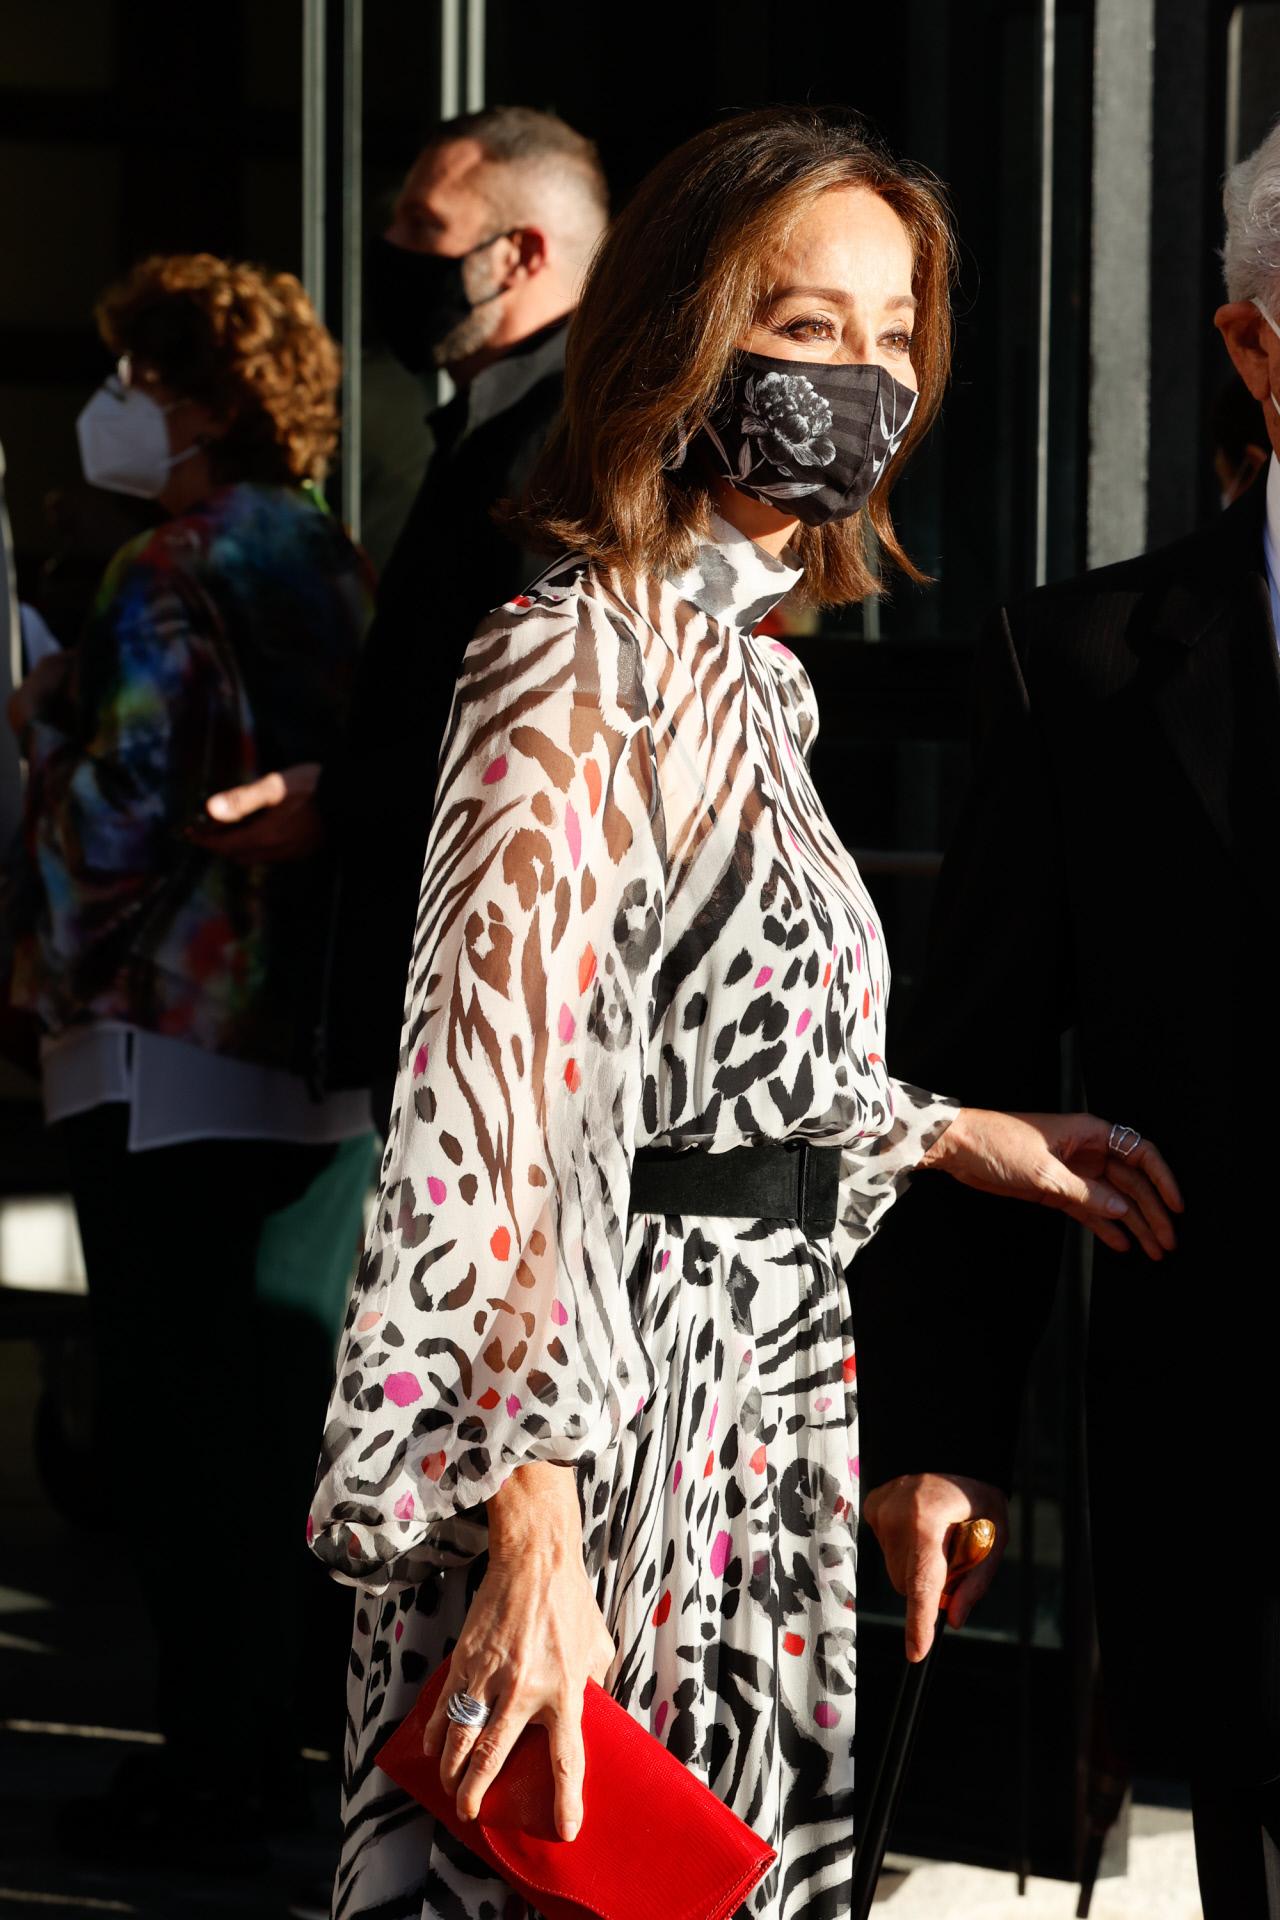 Isabel Preysler con mascarilla Kausi modelo Peonía negro en el Teatro Real de Madrid.